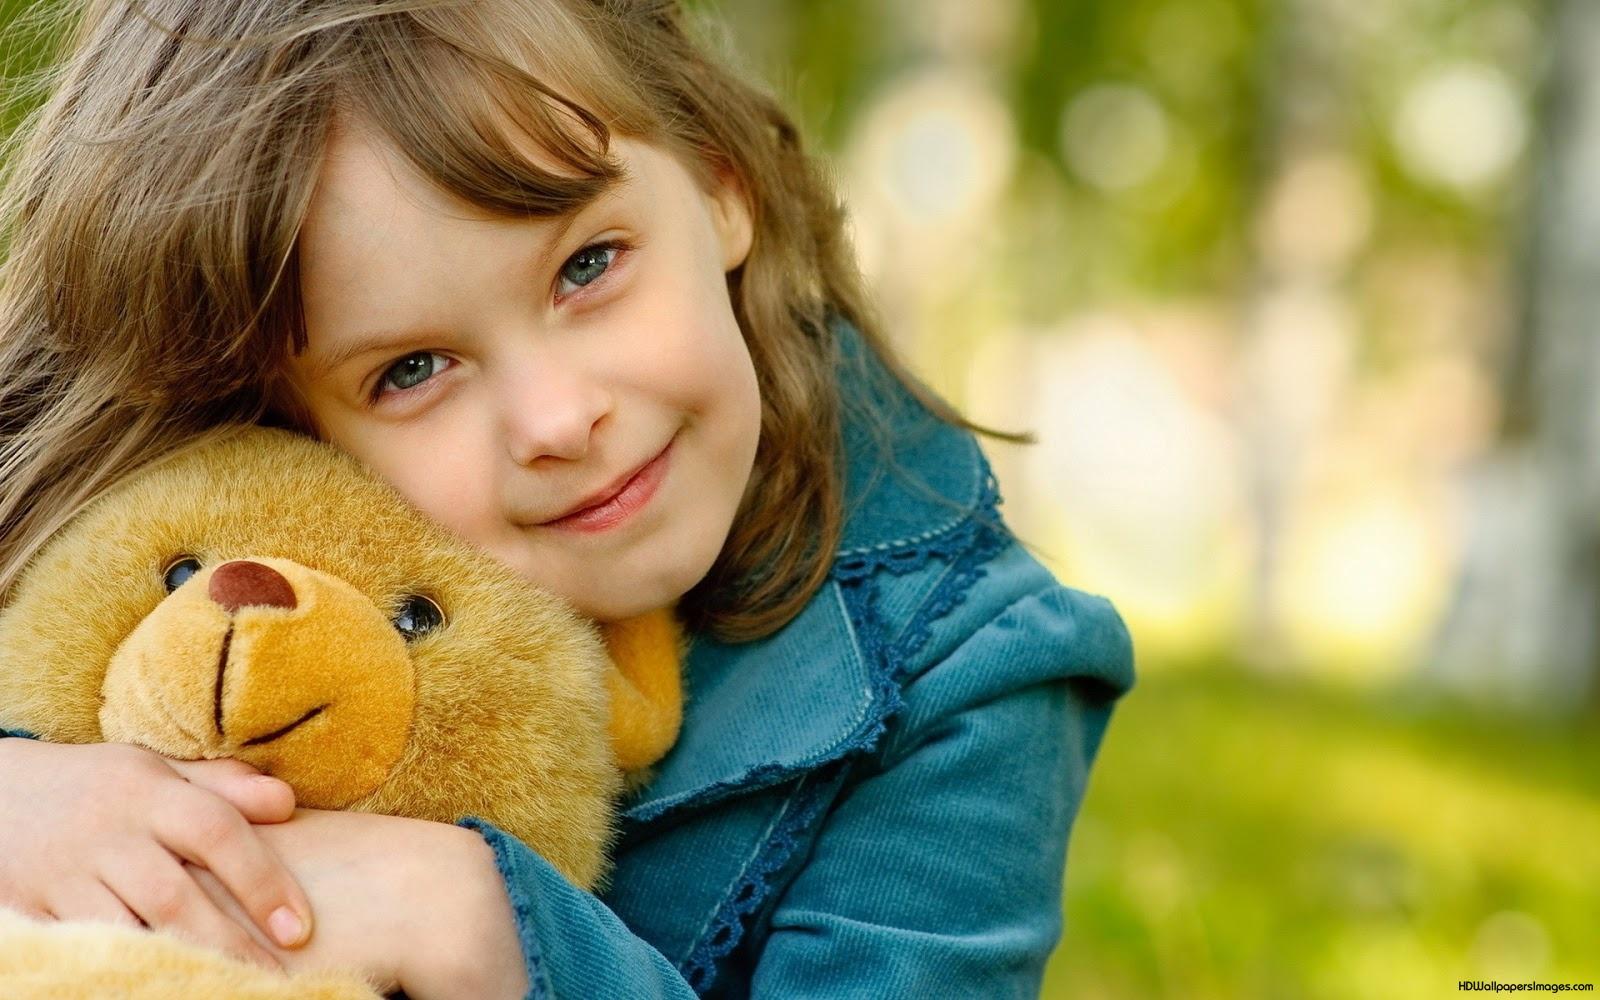 Girl_with_Bear